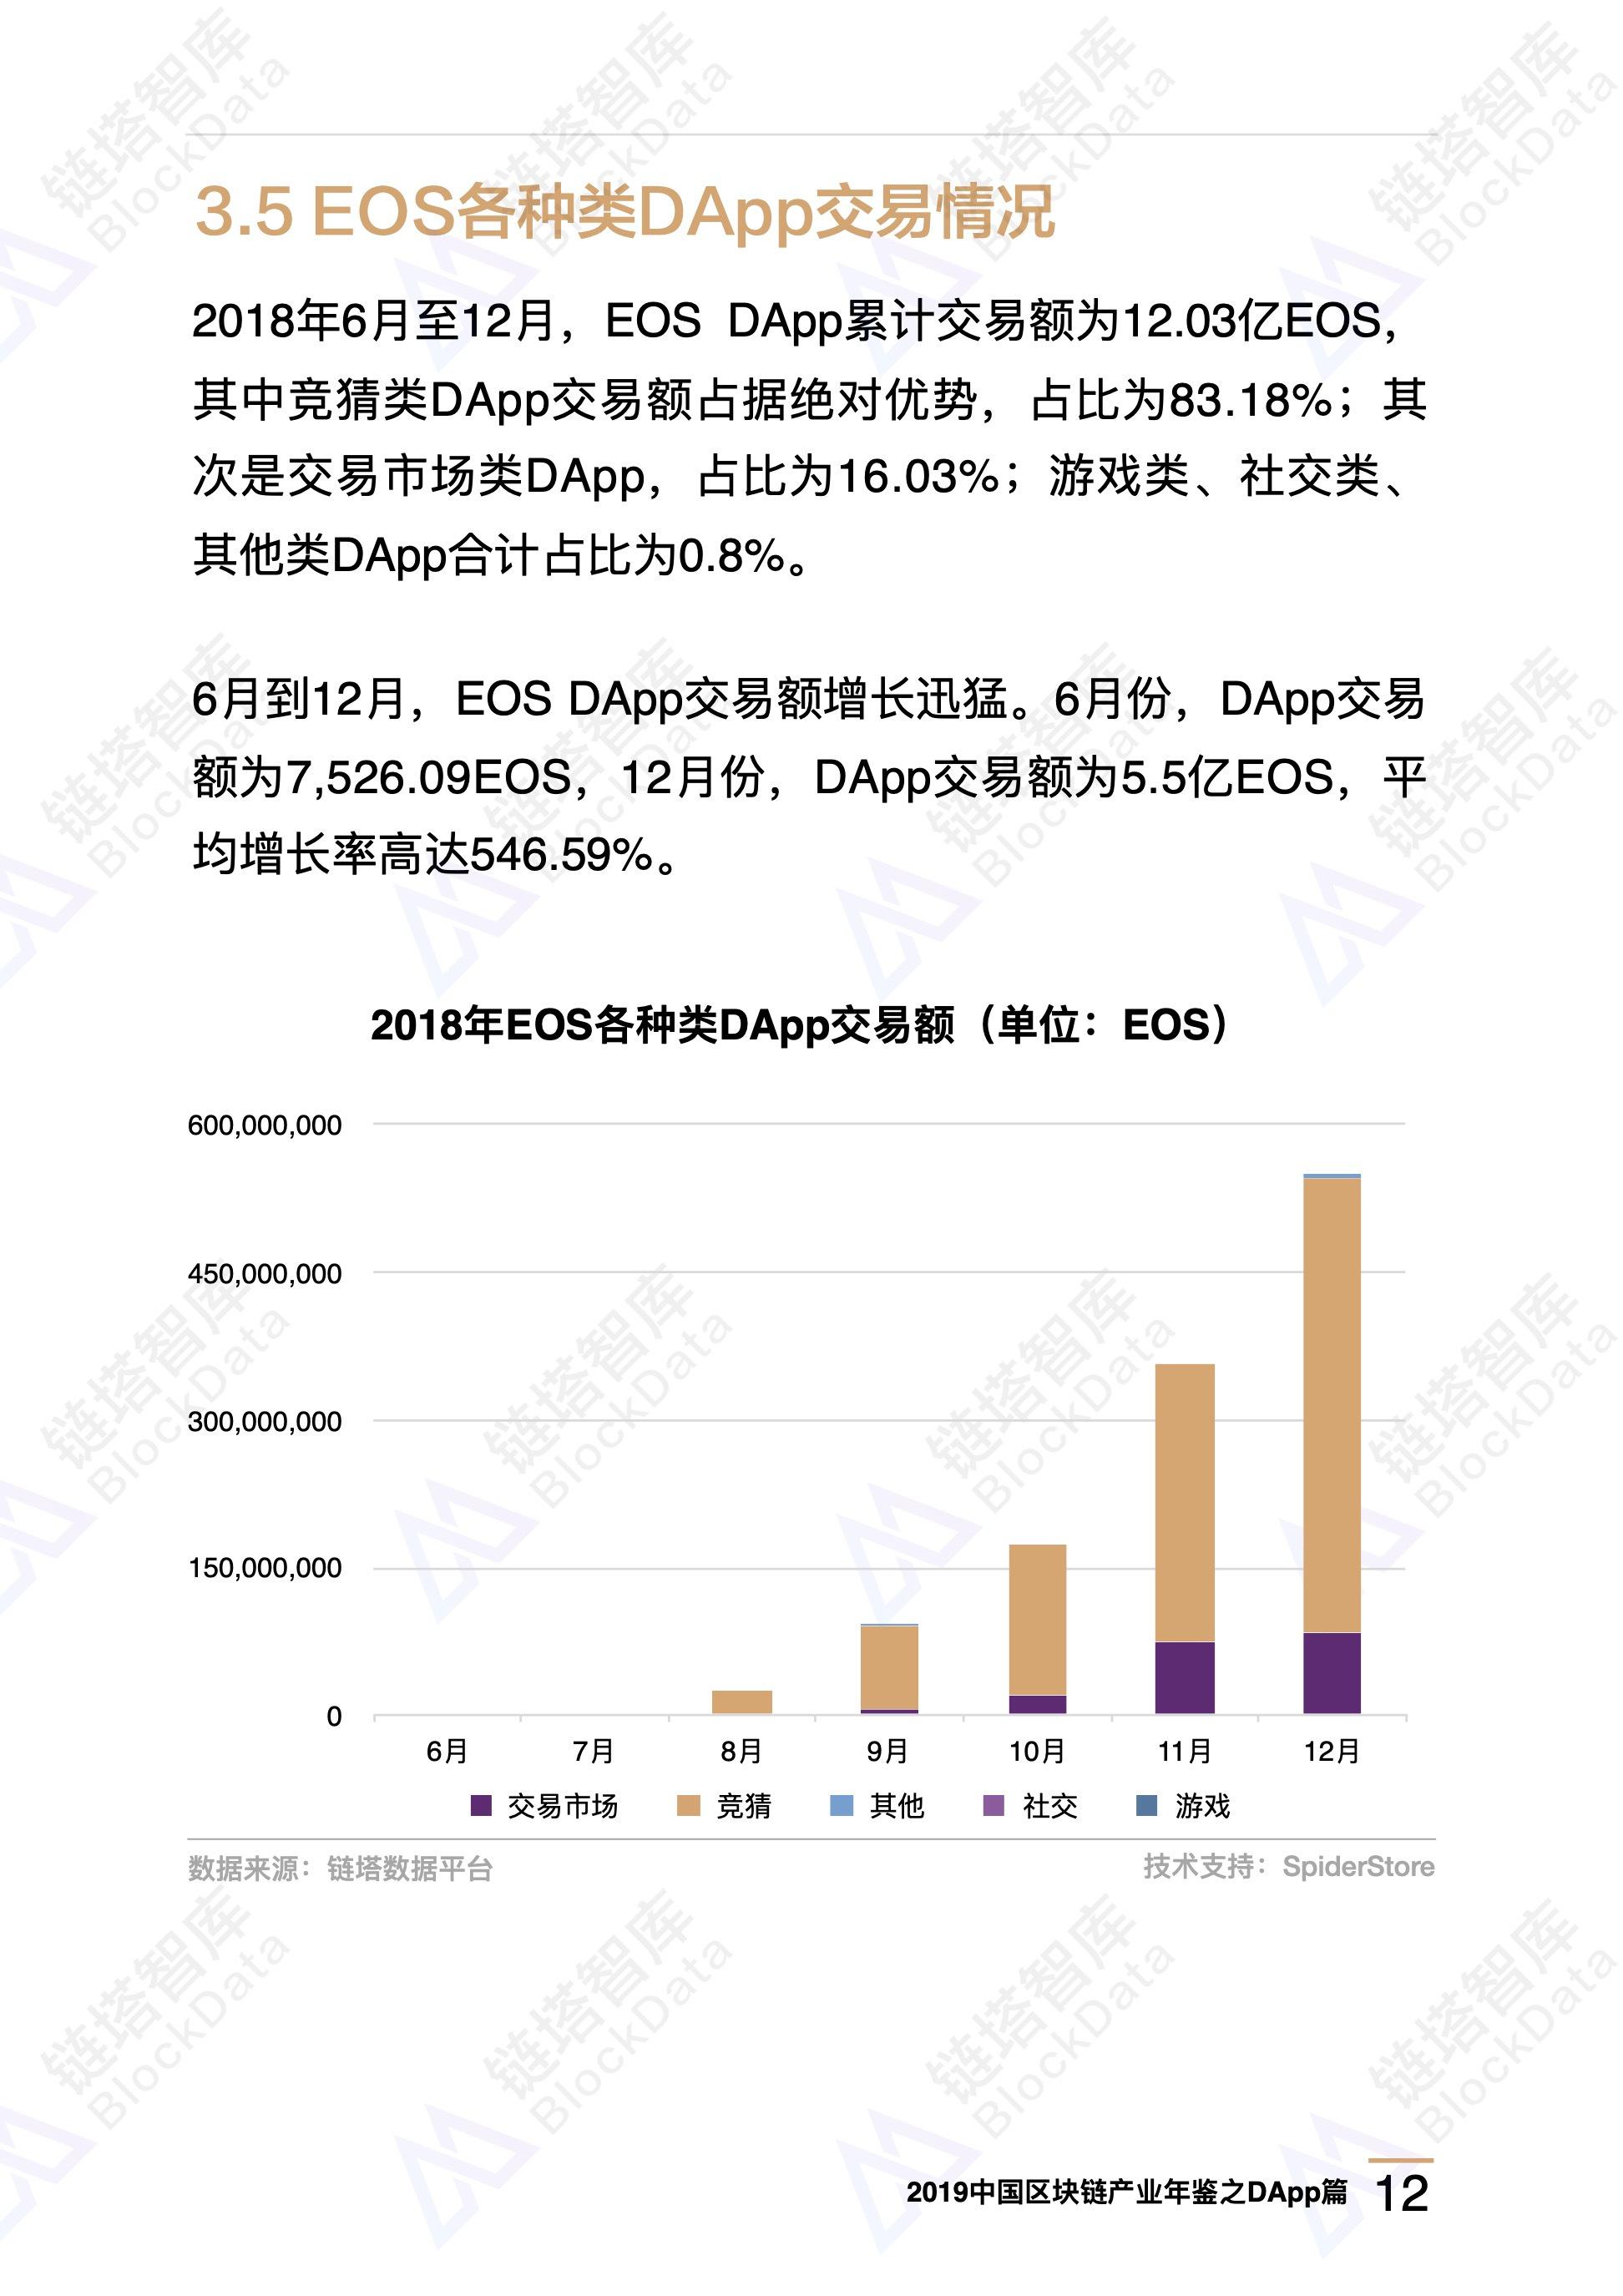 伪需求 or 新机遇——2018年DApp分析 | 链塔区块链产业年鉴精选